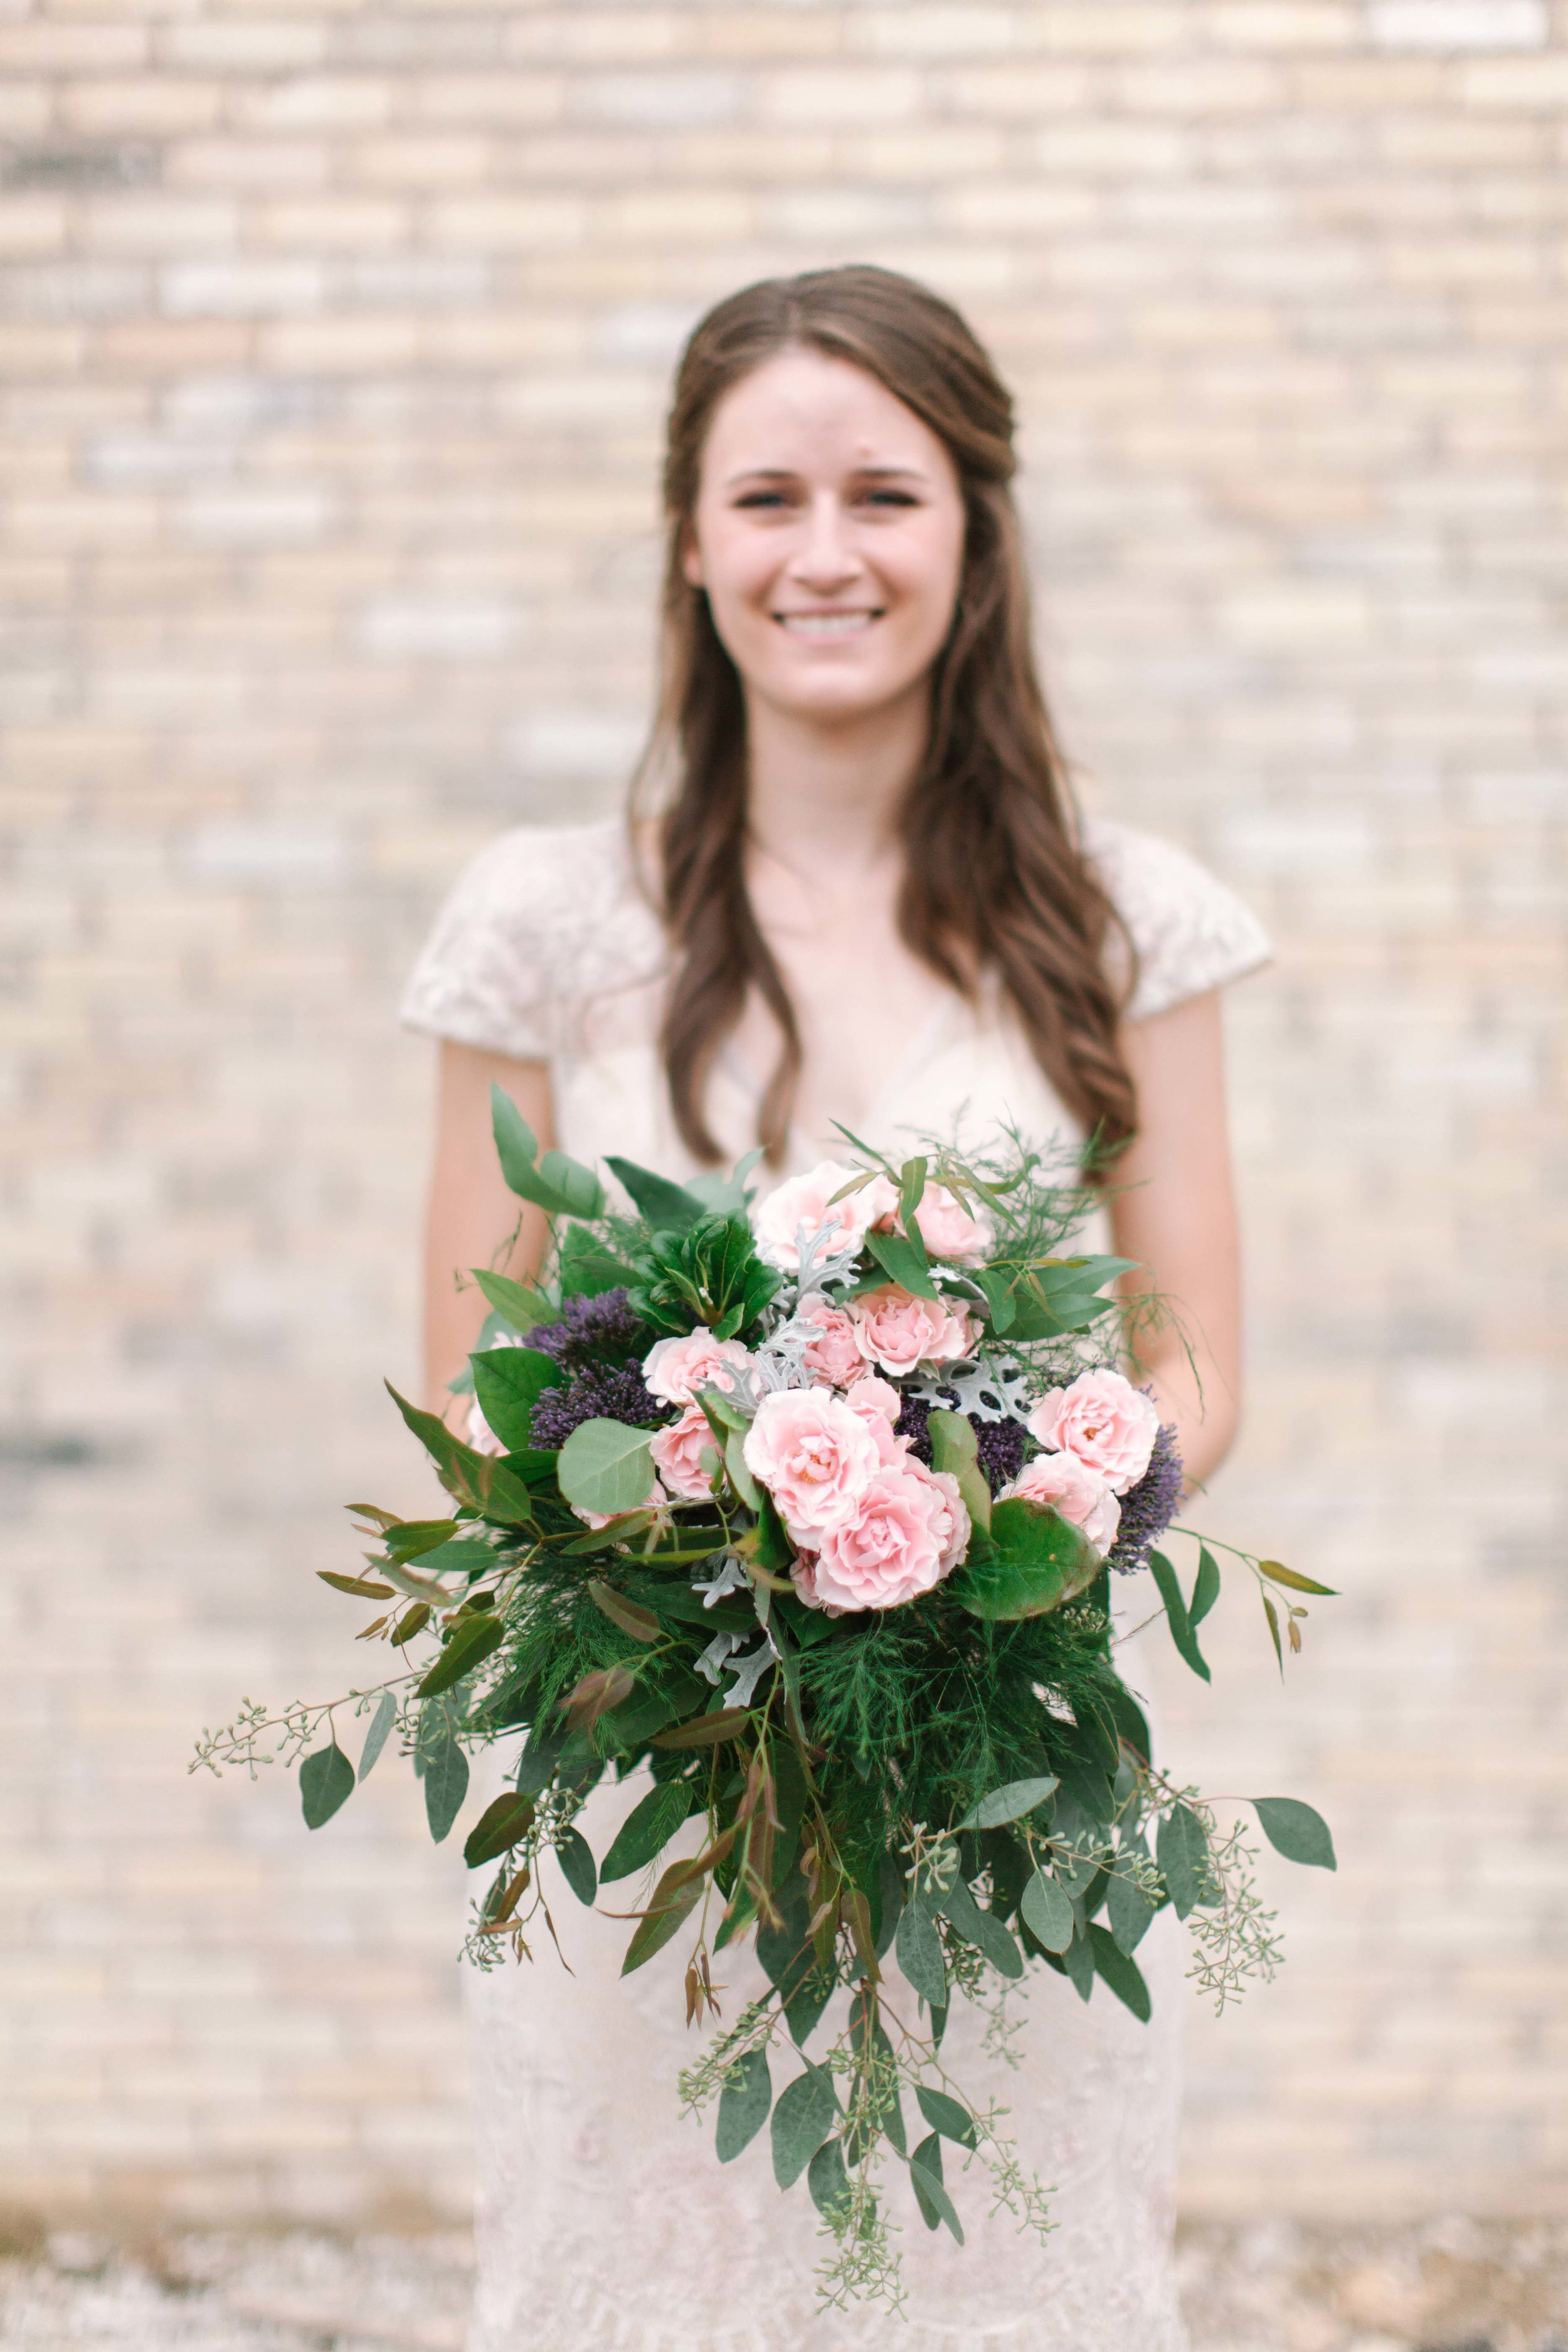 kateweinsteinphoto_clairewillie_wedding-406.jpg